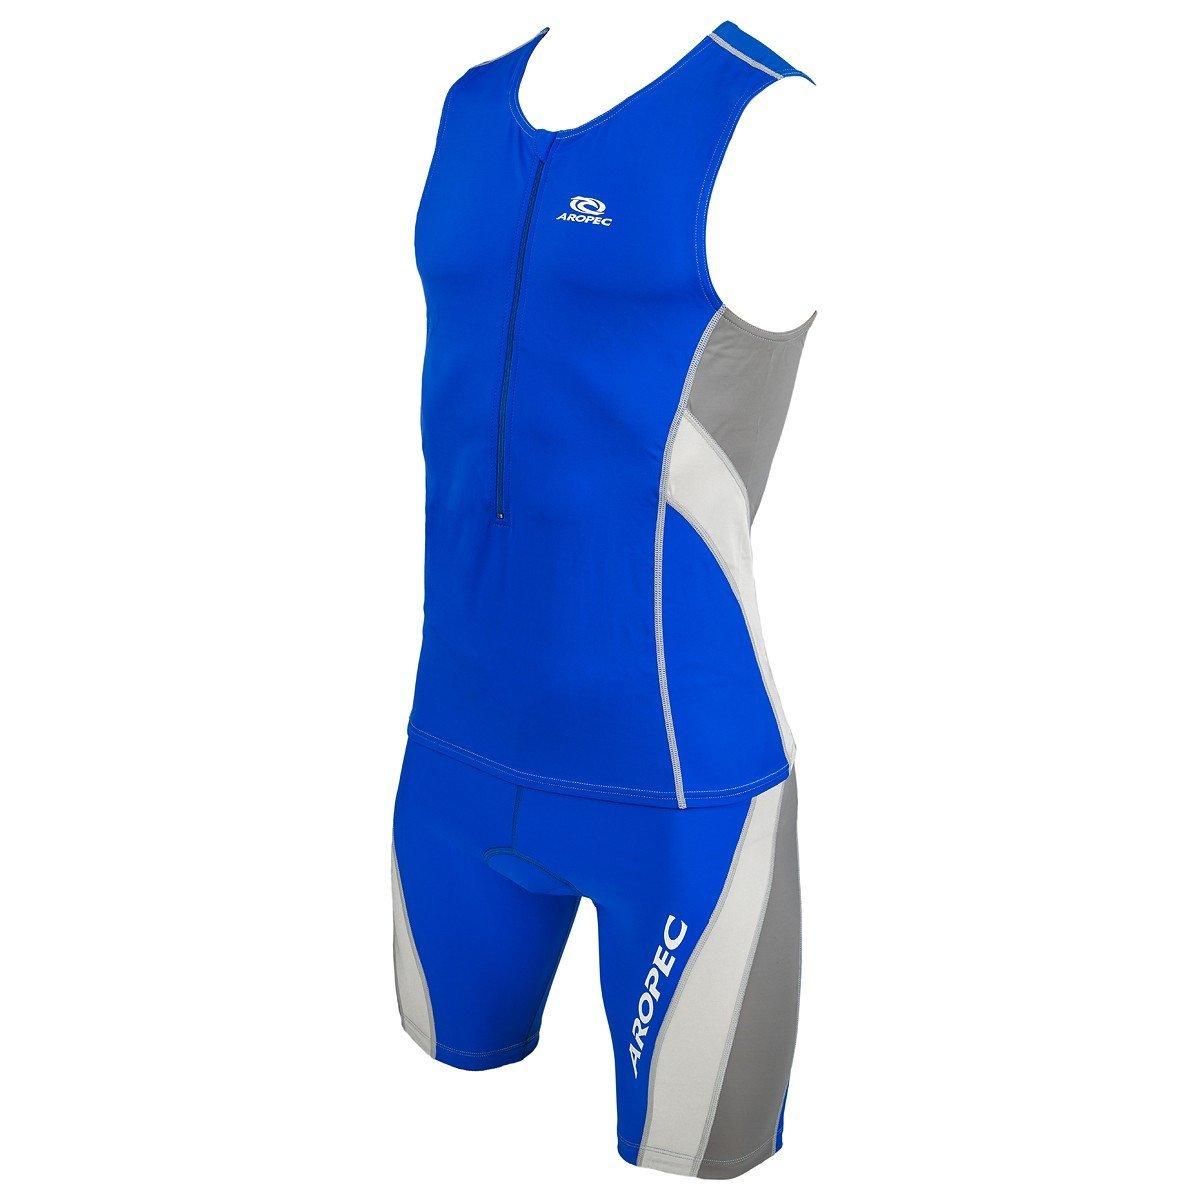 Aropec Triathlon Zweiteiler-herren